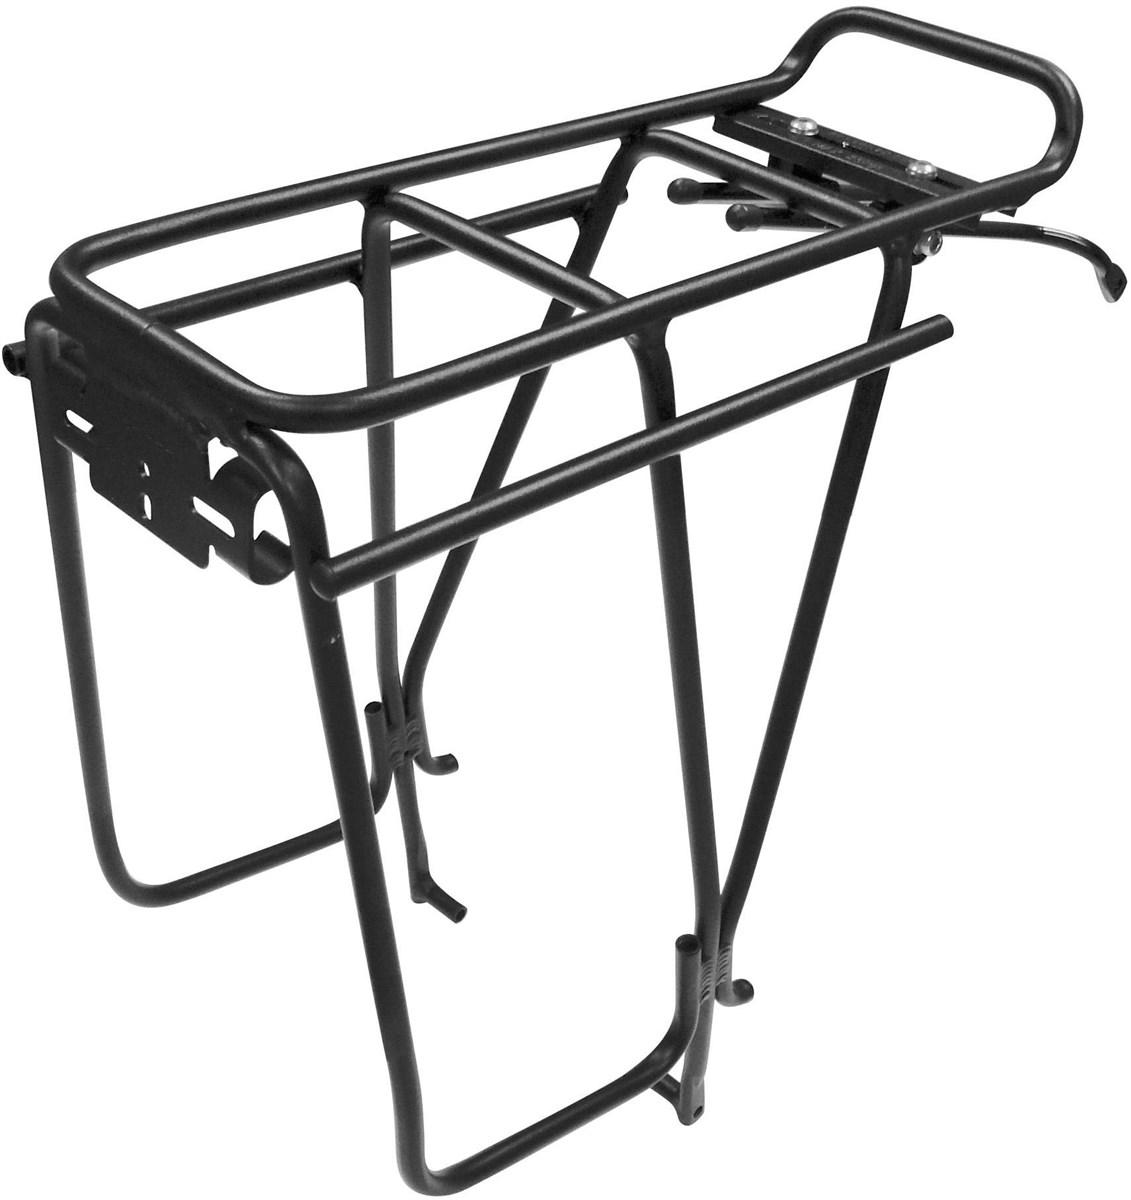 Tortec Transalp Disc Rear Pannier Rack | Rear rack